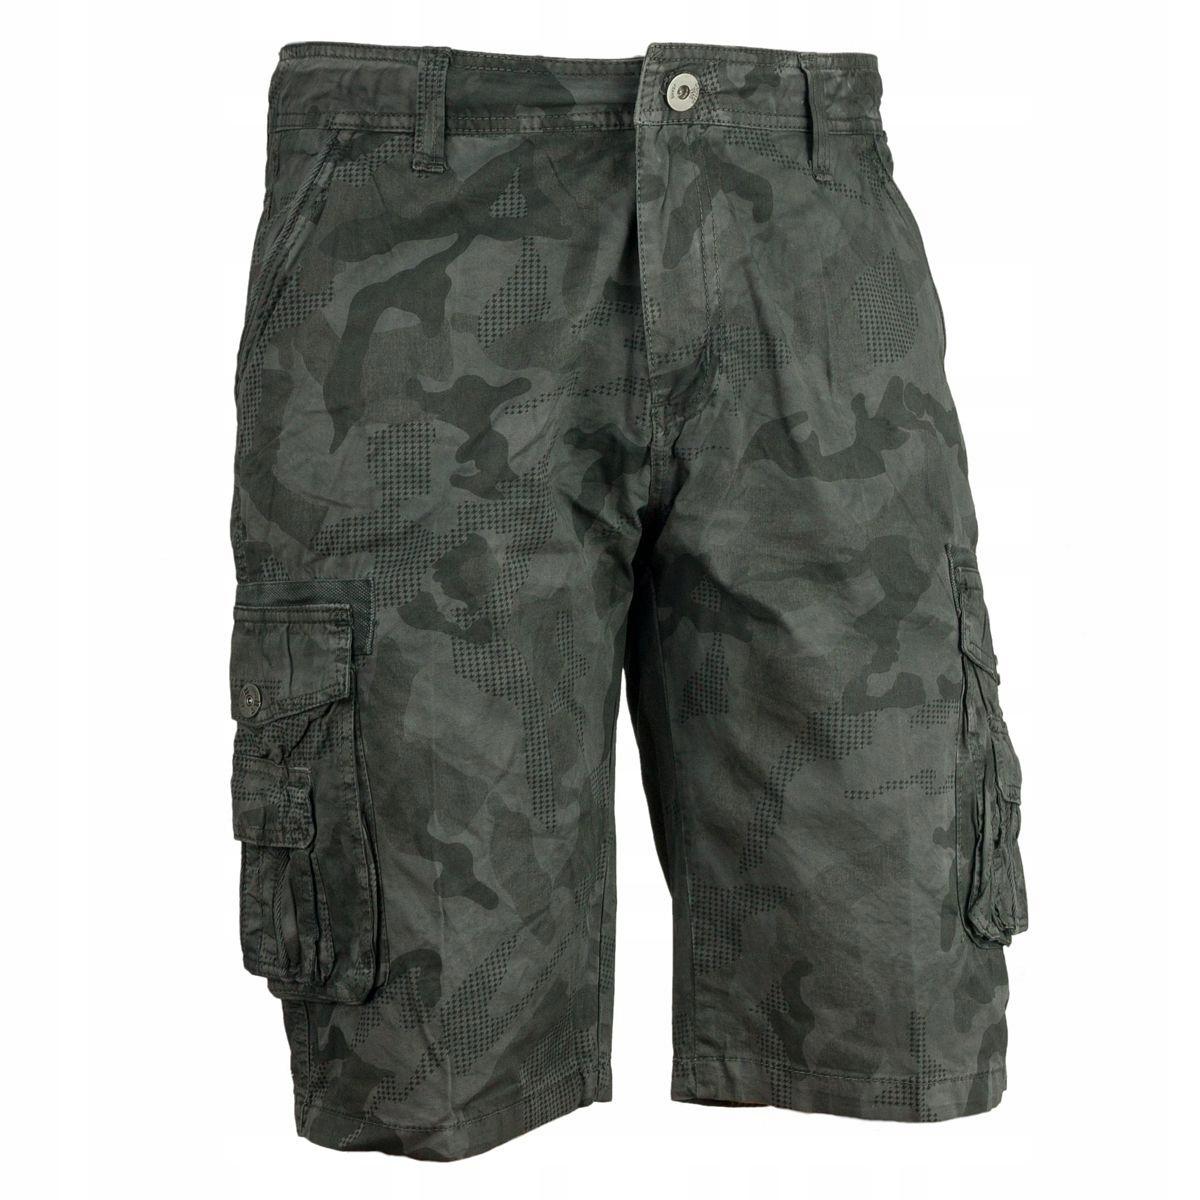 6191b5d58 Spodnie bojówki krótkie spodenki MORO GREY R 48